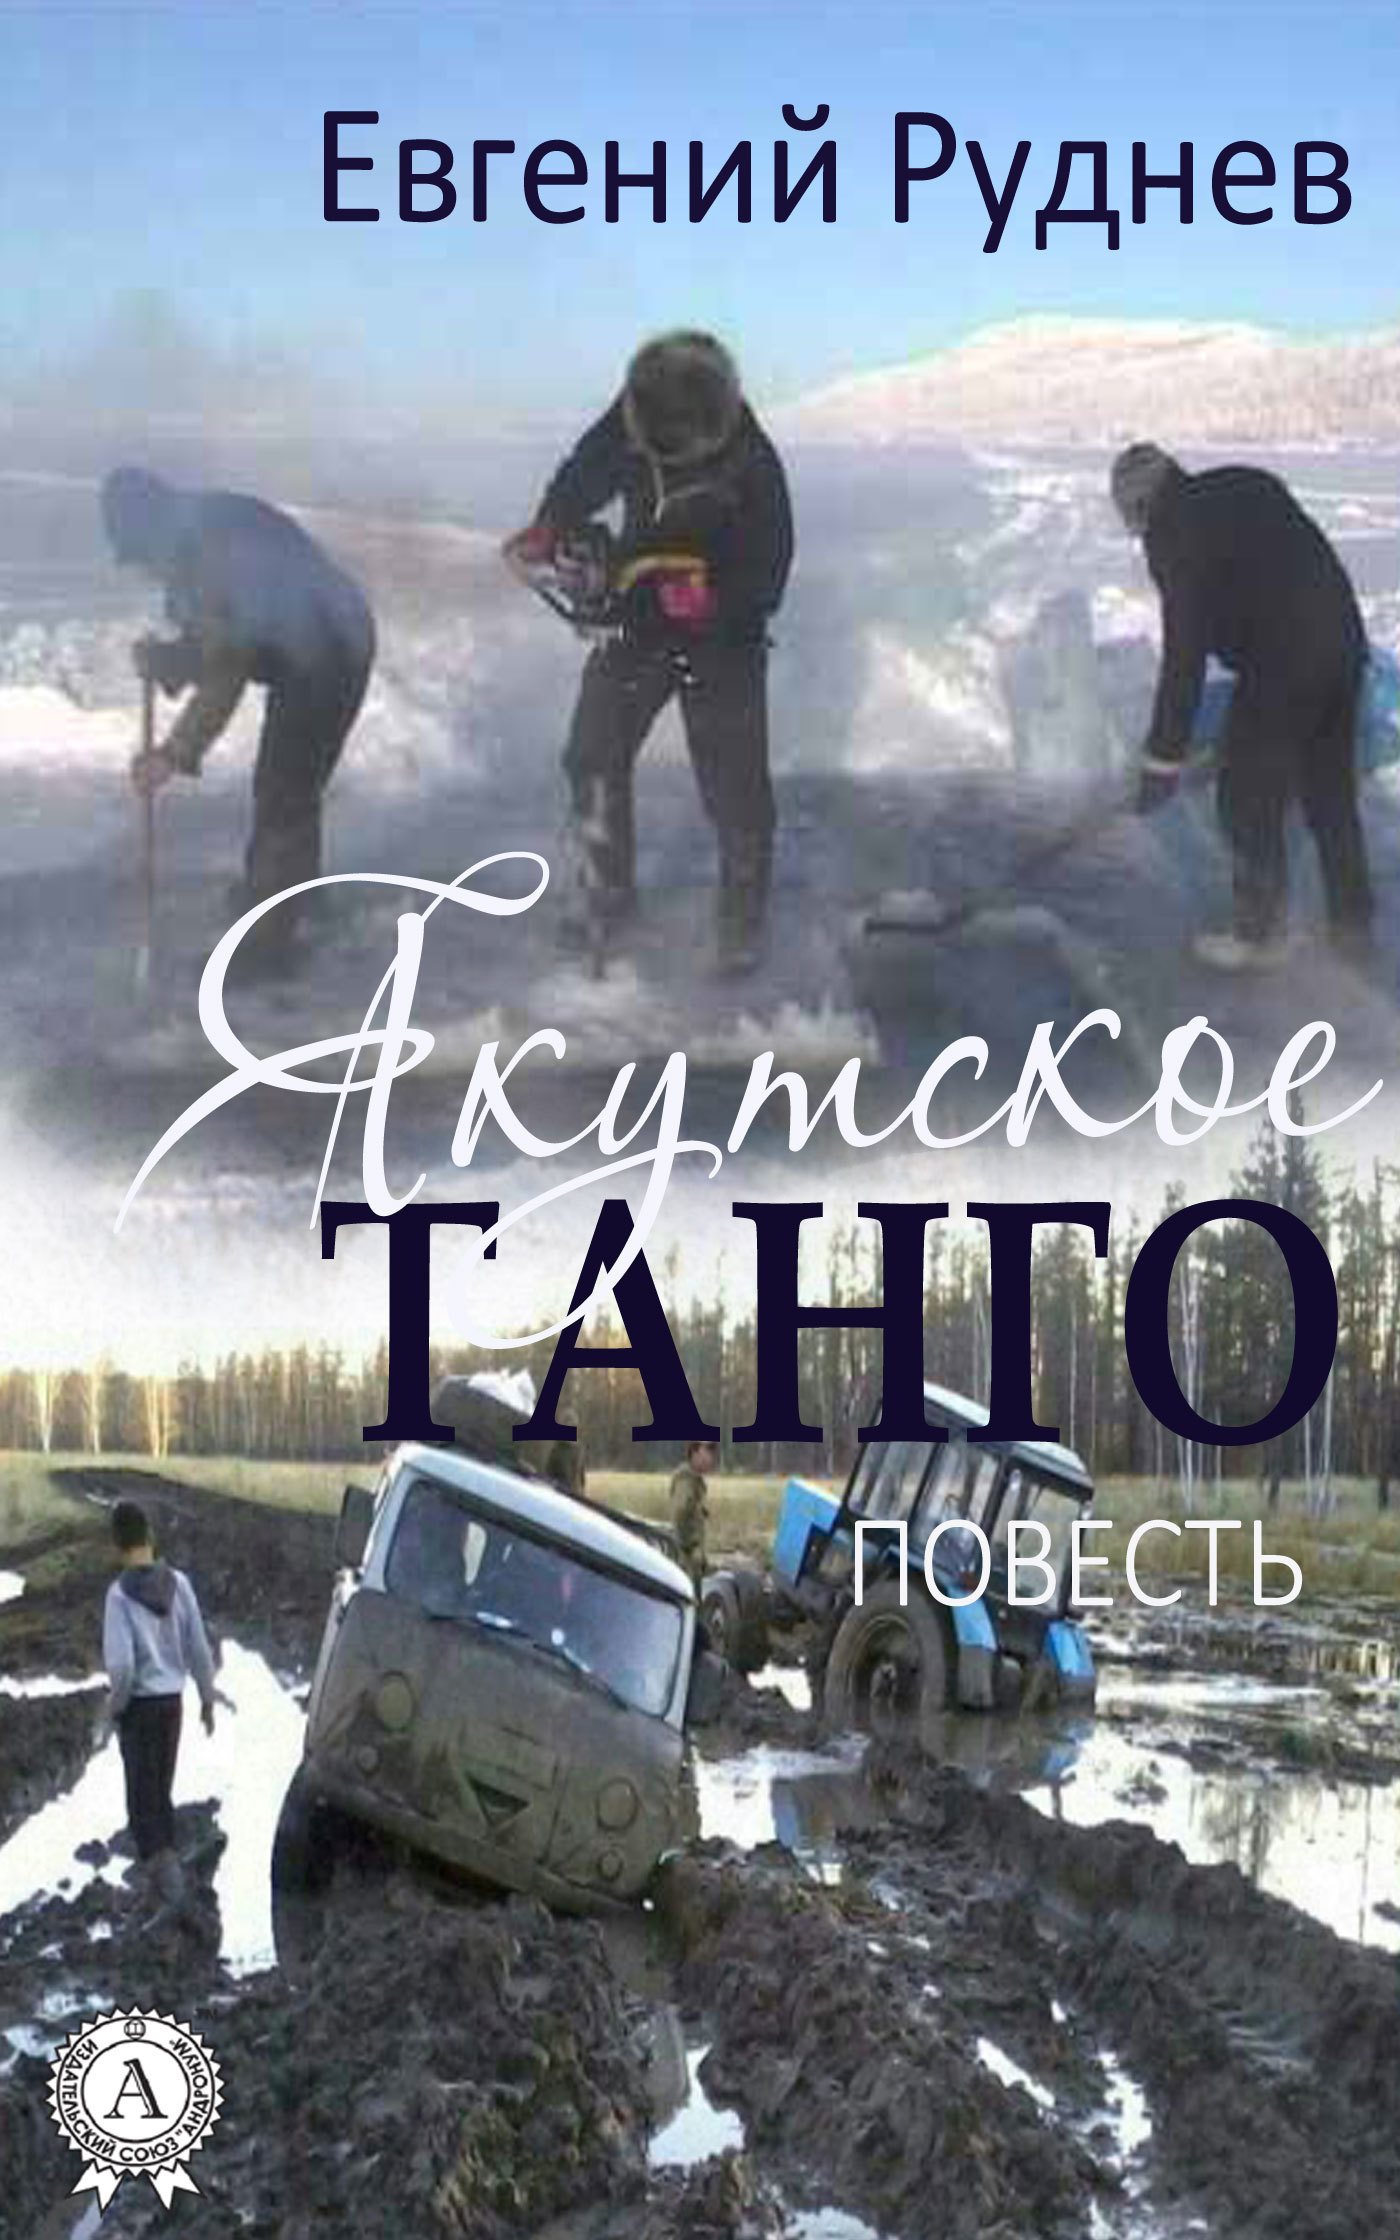 Евгений Руднев бесплатно